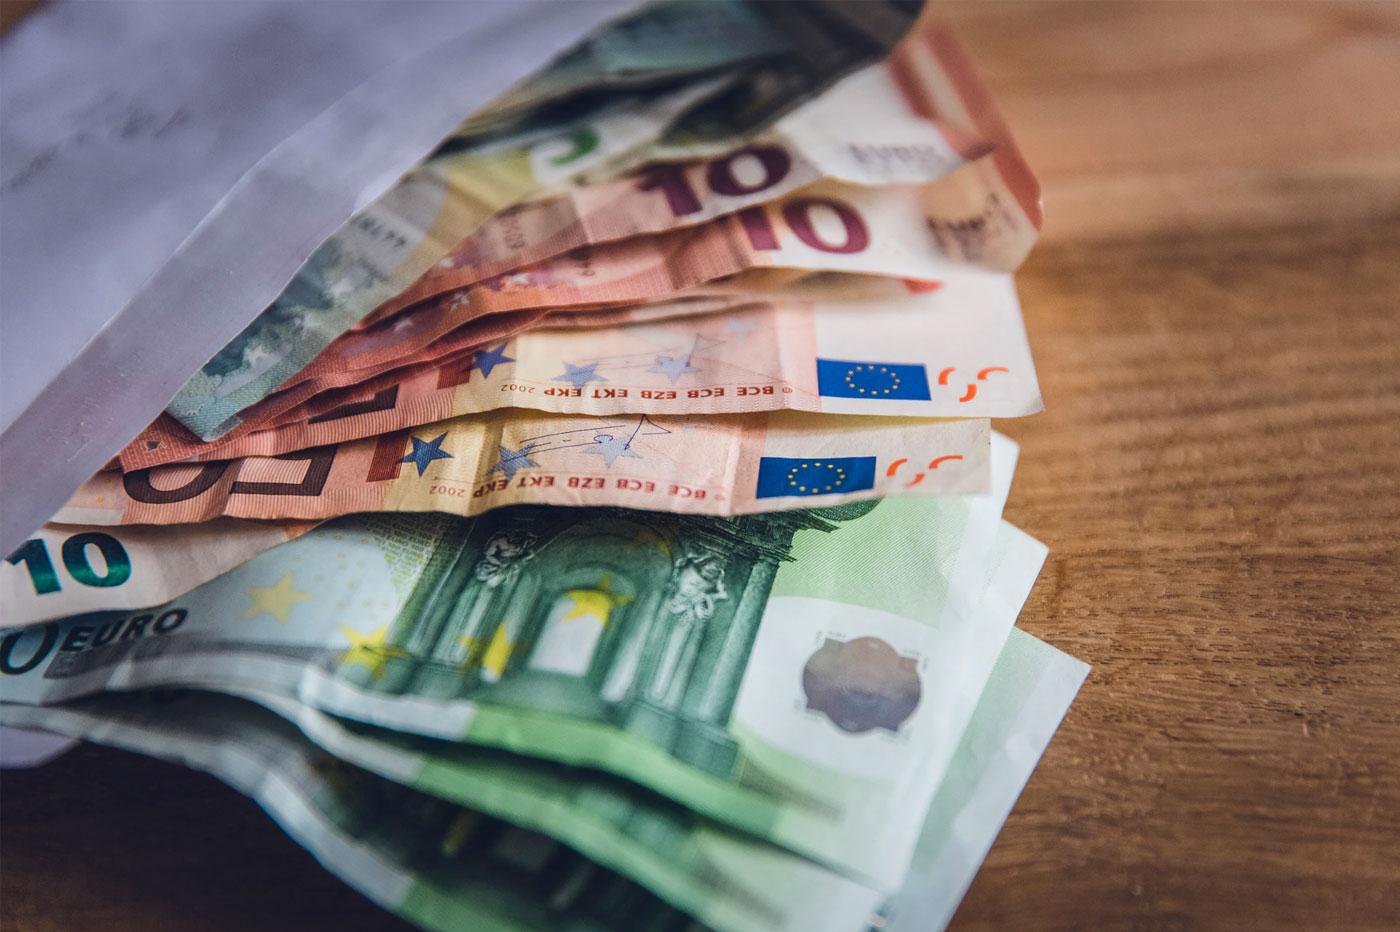 Bonus banque Boursorama